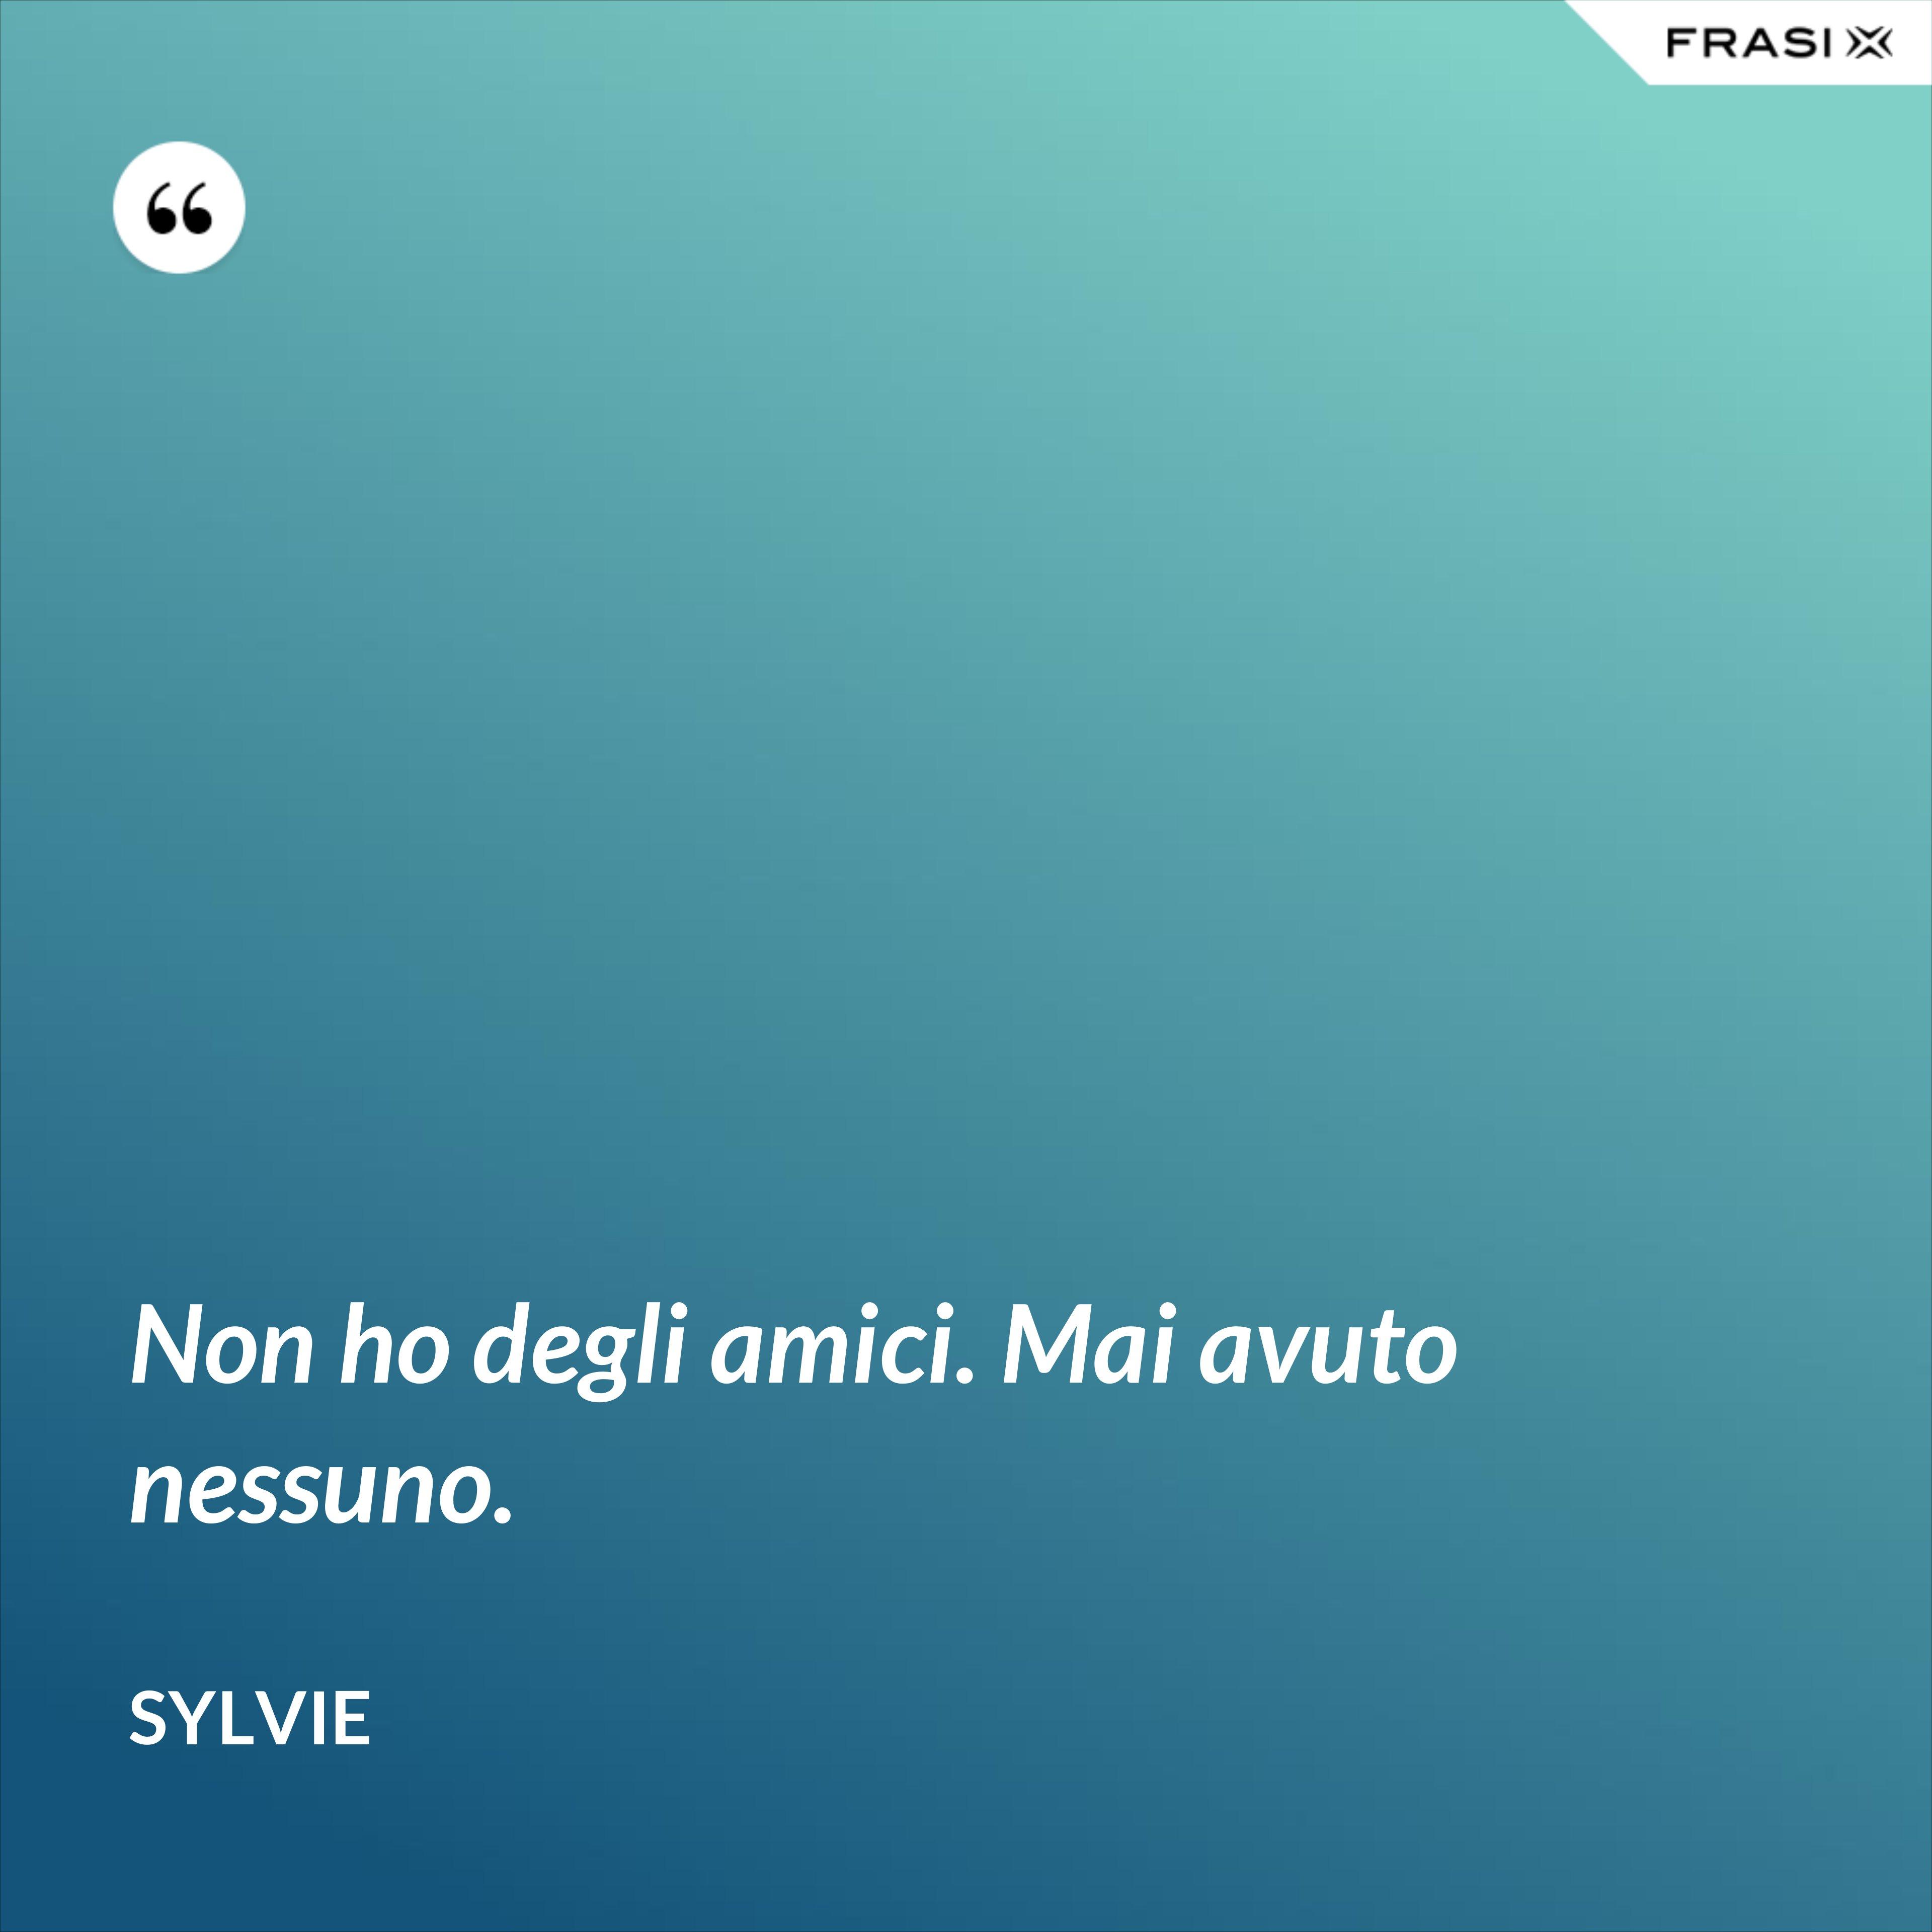 Non ho degli amici. Mai avuto nessuno. - Sylvie